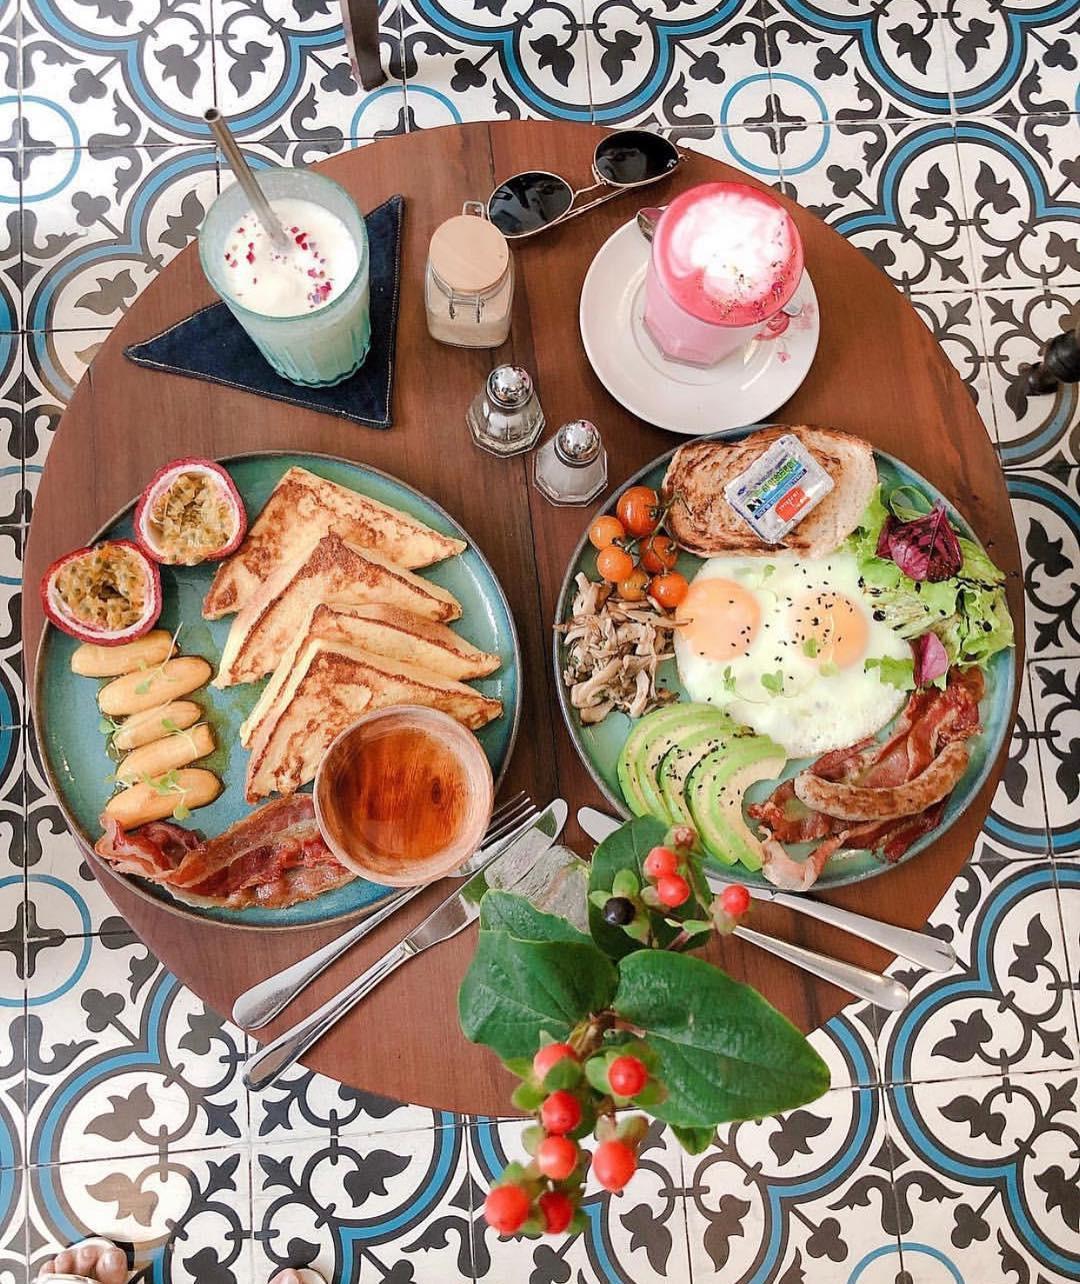 Pretty Breakfast: Trào lưu ăn uống mới toanh đang gây bão Instagram giới trẻ Sài Gòn - Ảnh 13.